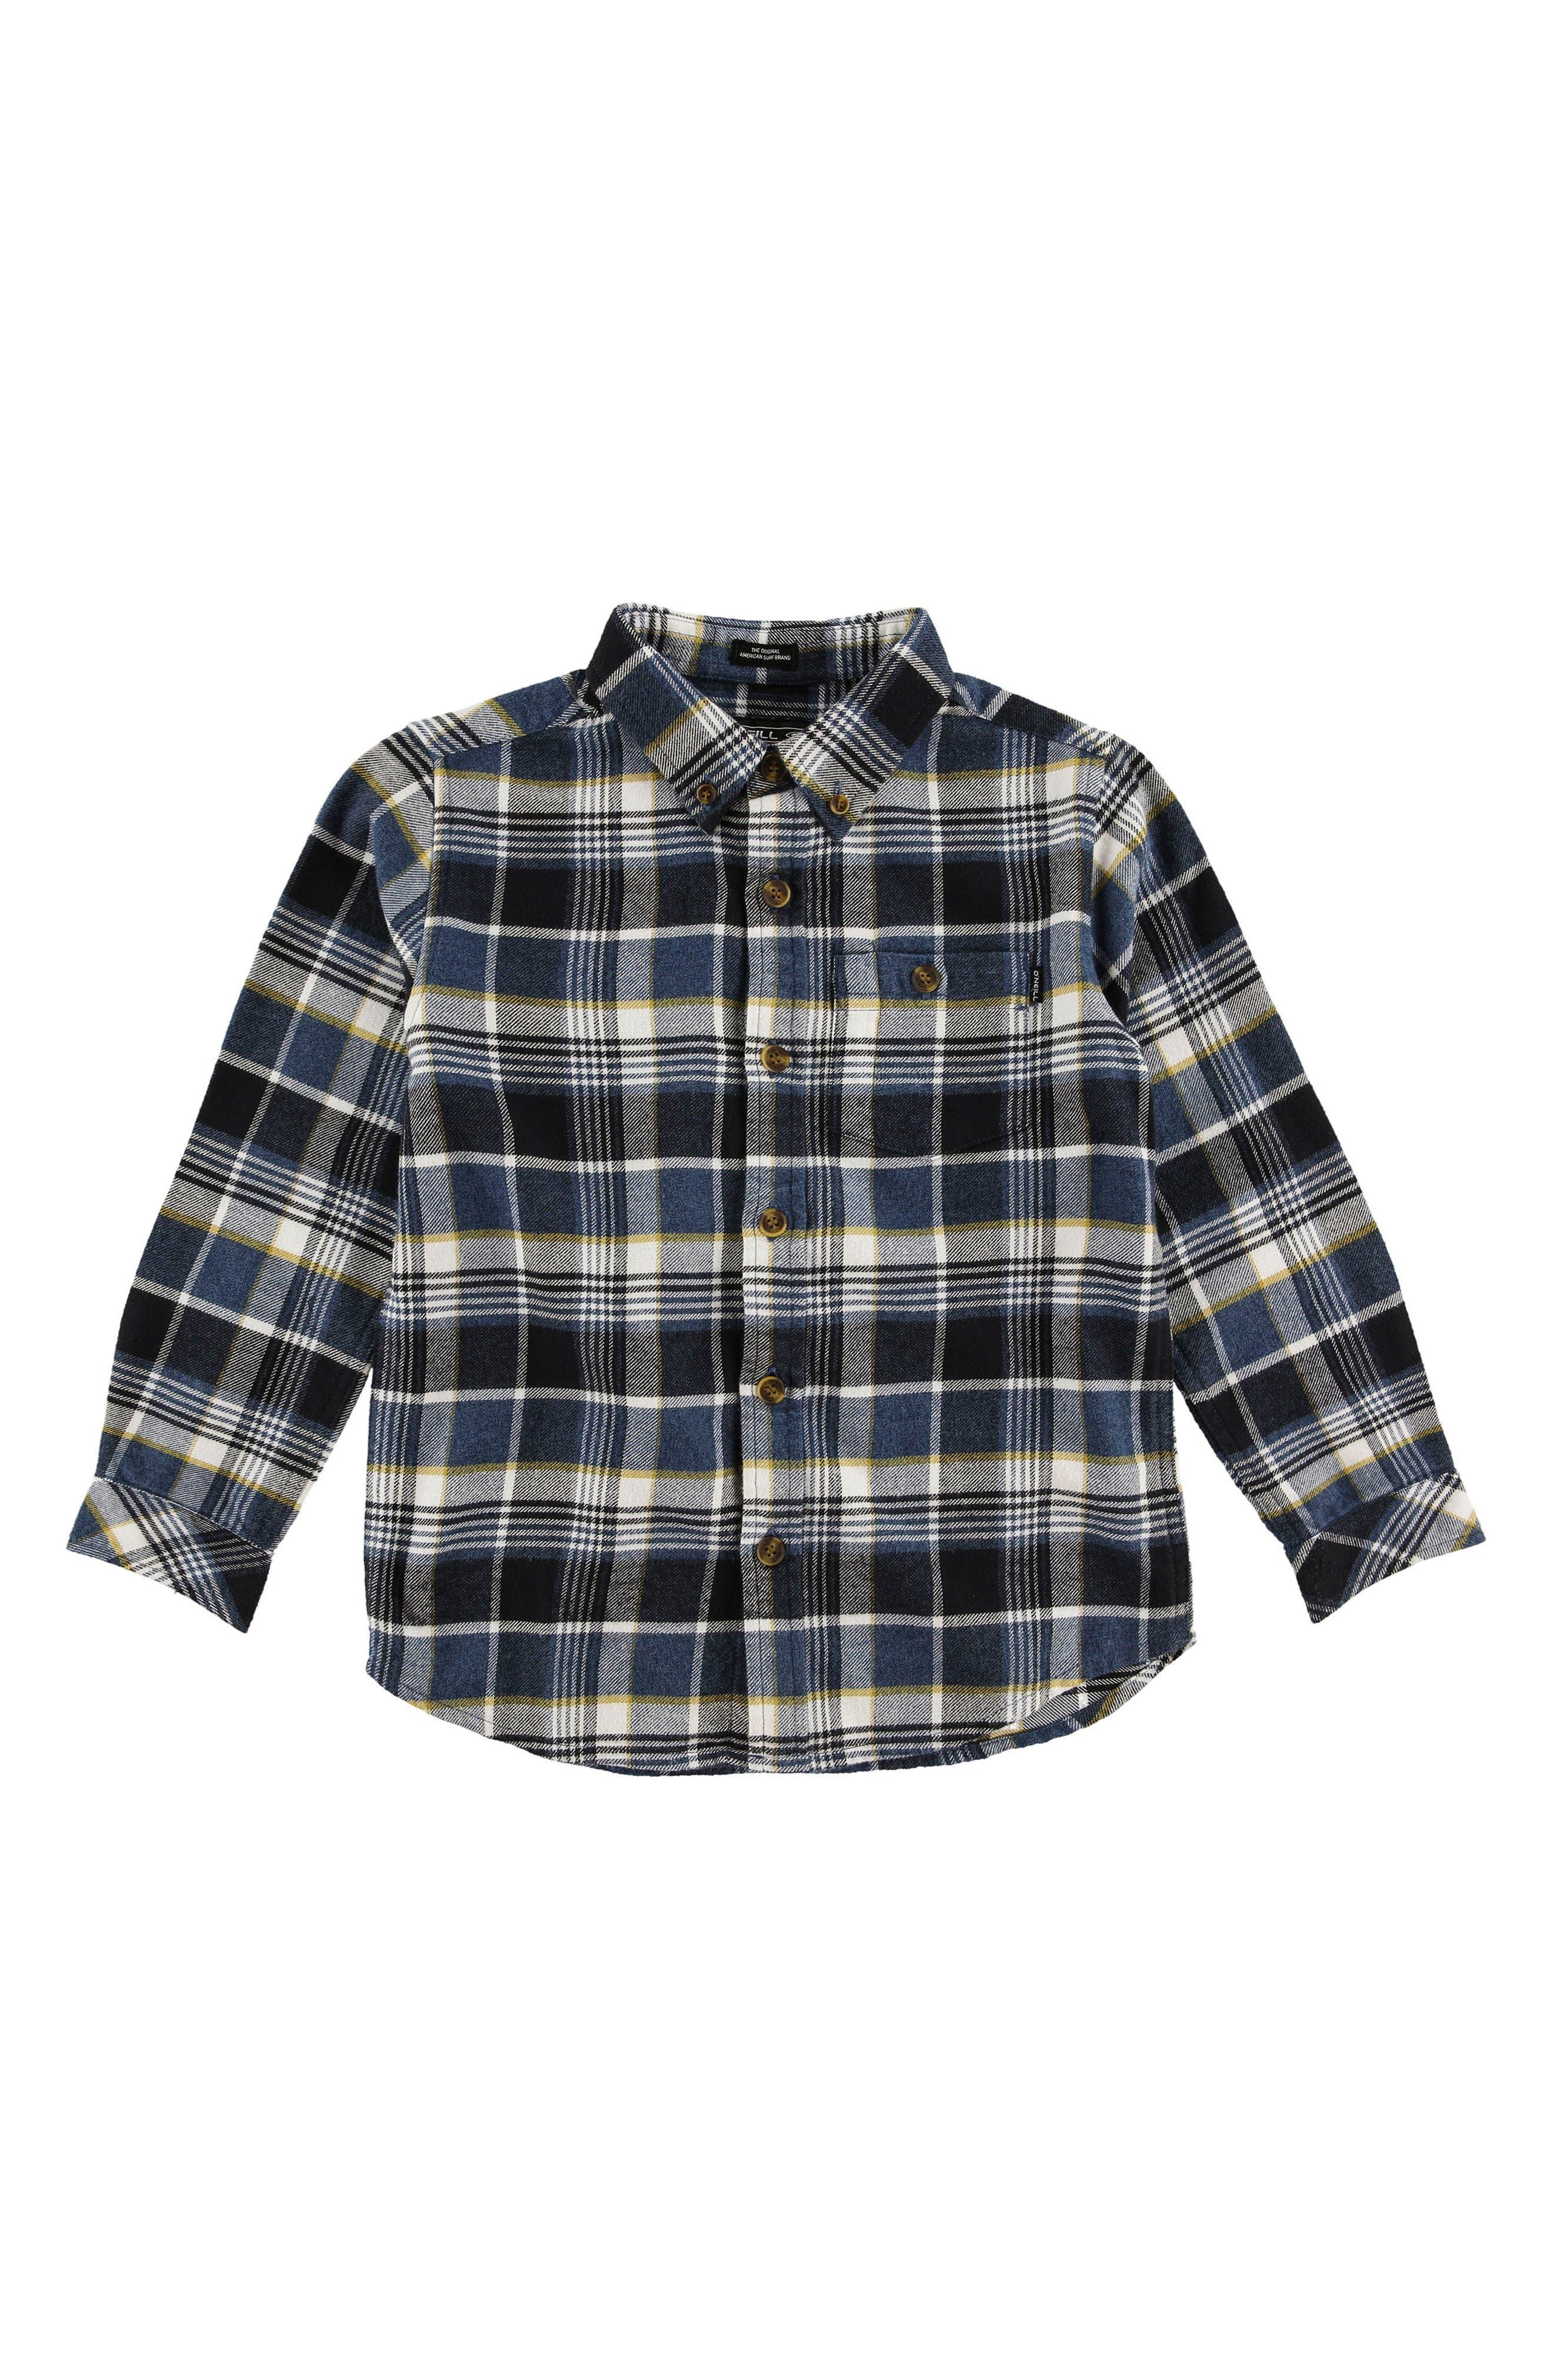 Main Image - O'Neill Redmond Flannel Shirt (Toddler Boys)